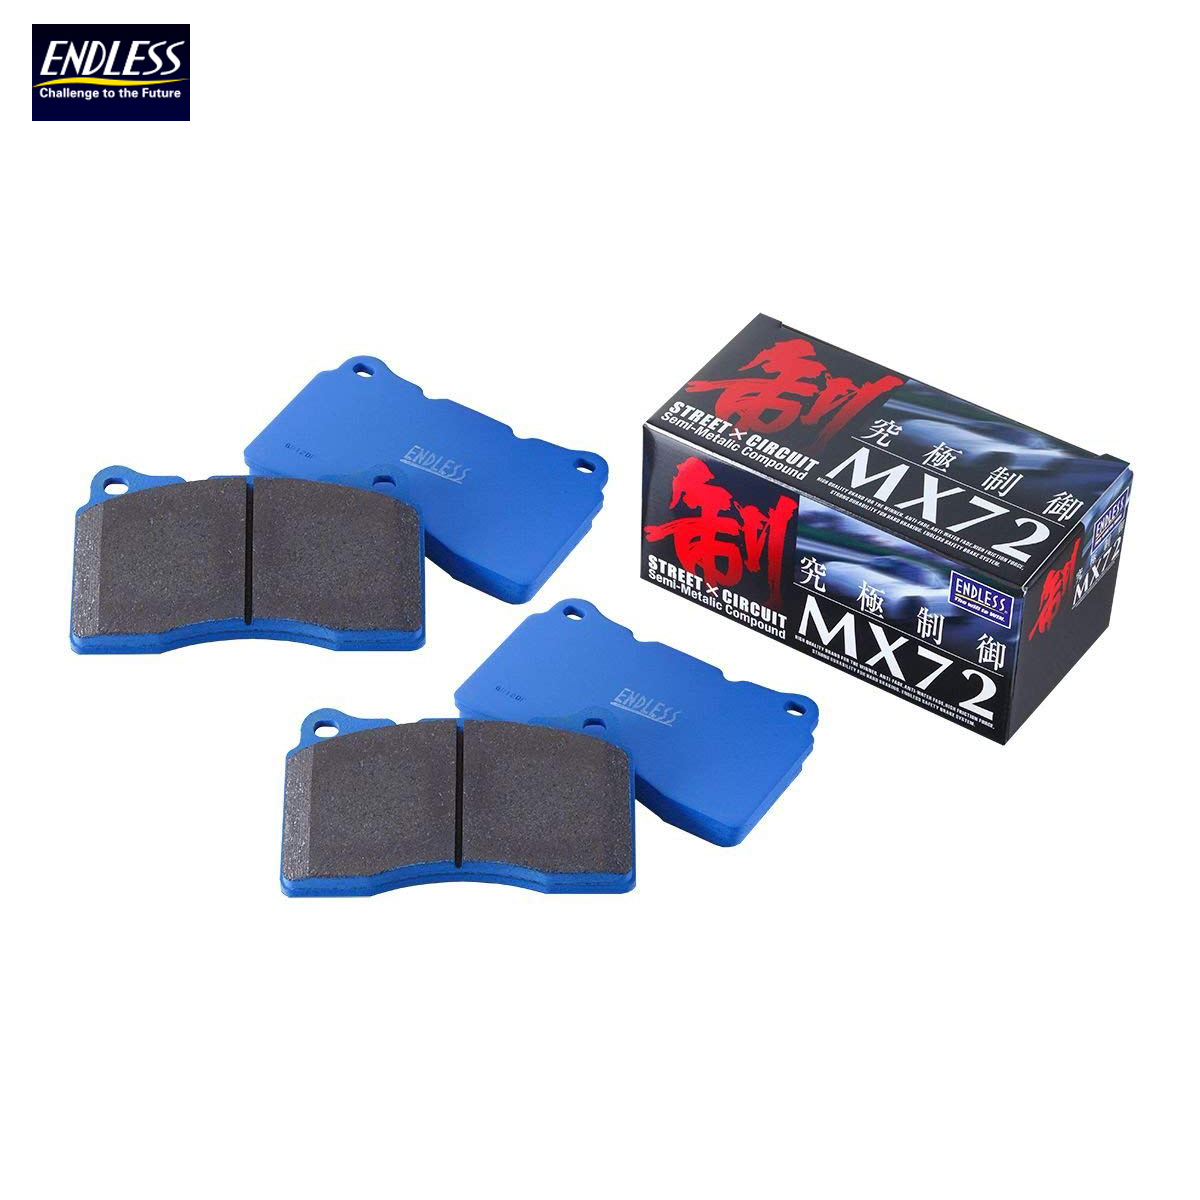 ENDLESS エンドレス ブレーキパッド MX72 リア EP397 ウィッシュ ANE10G 11W 4輪ディスク